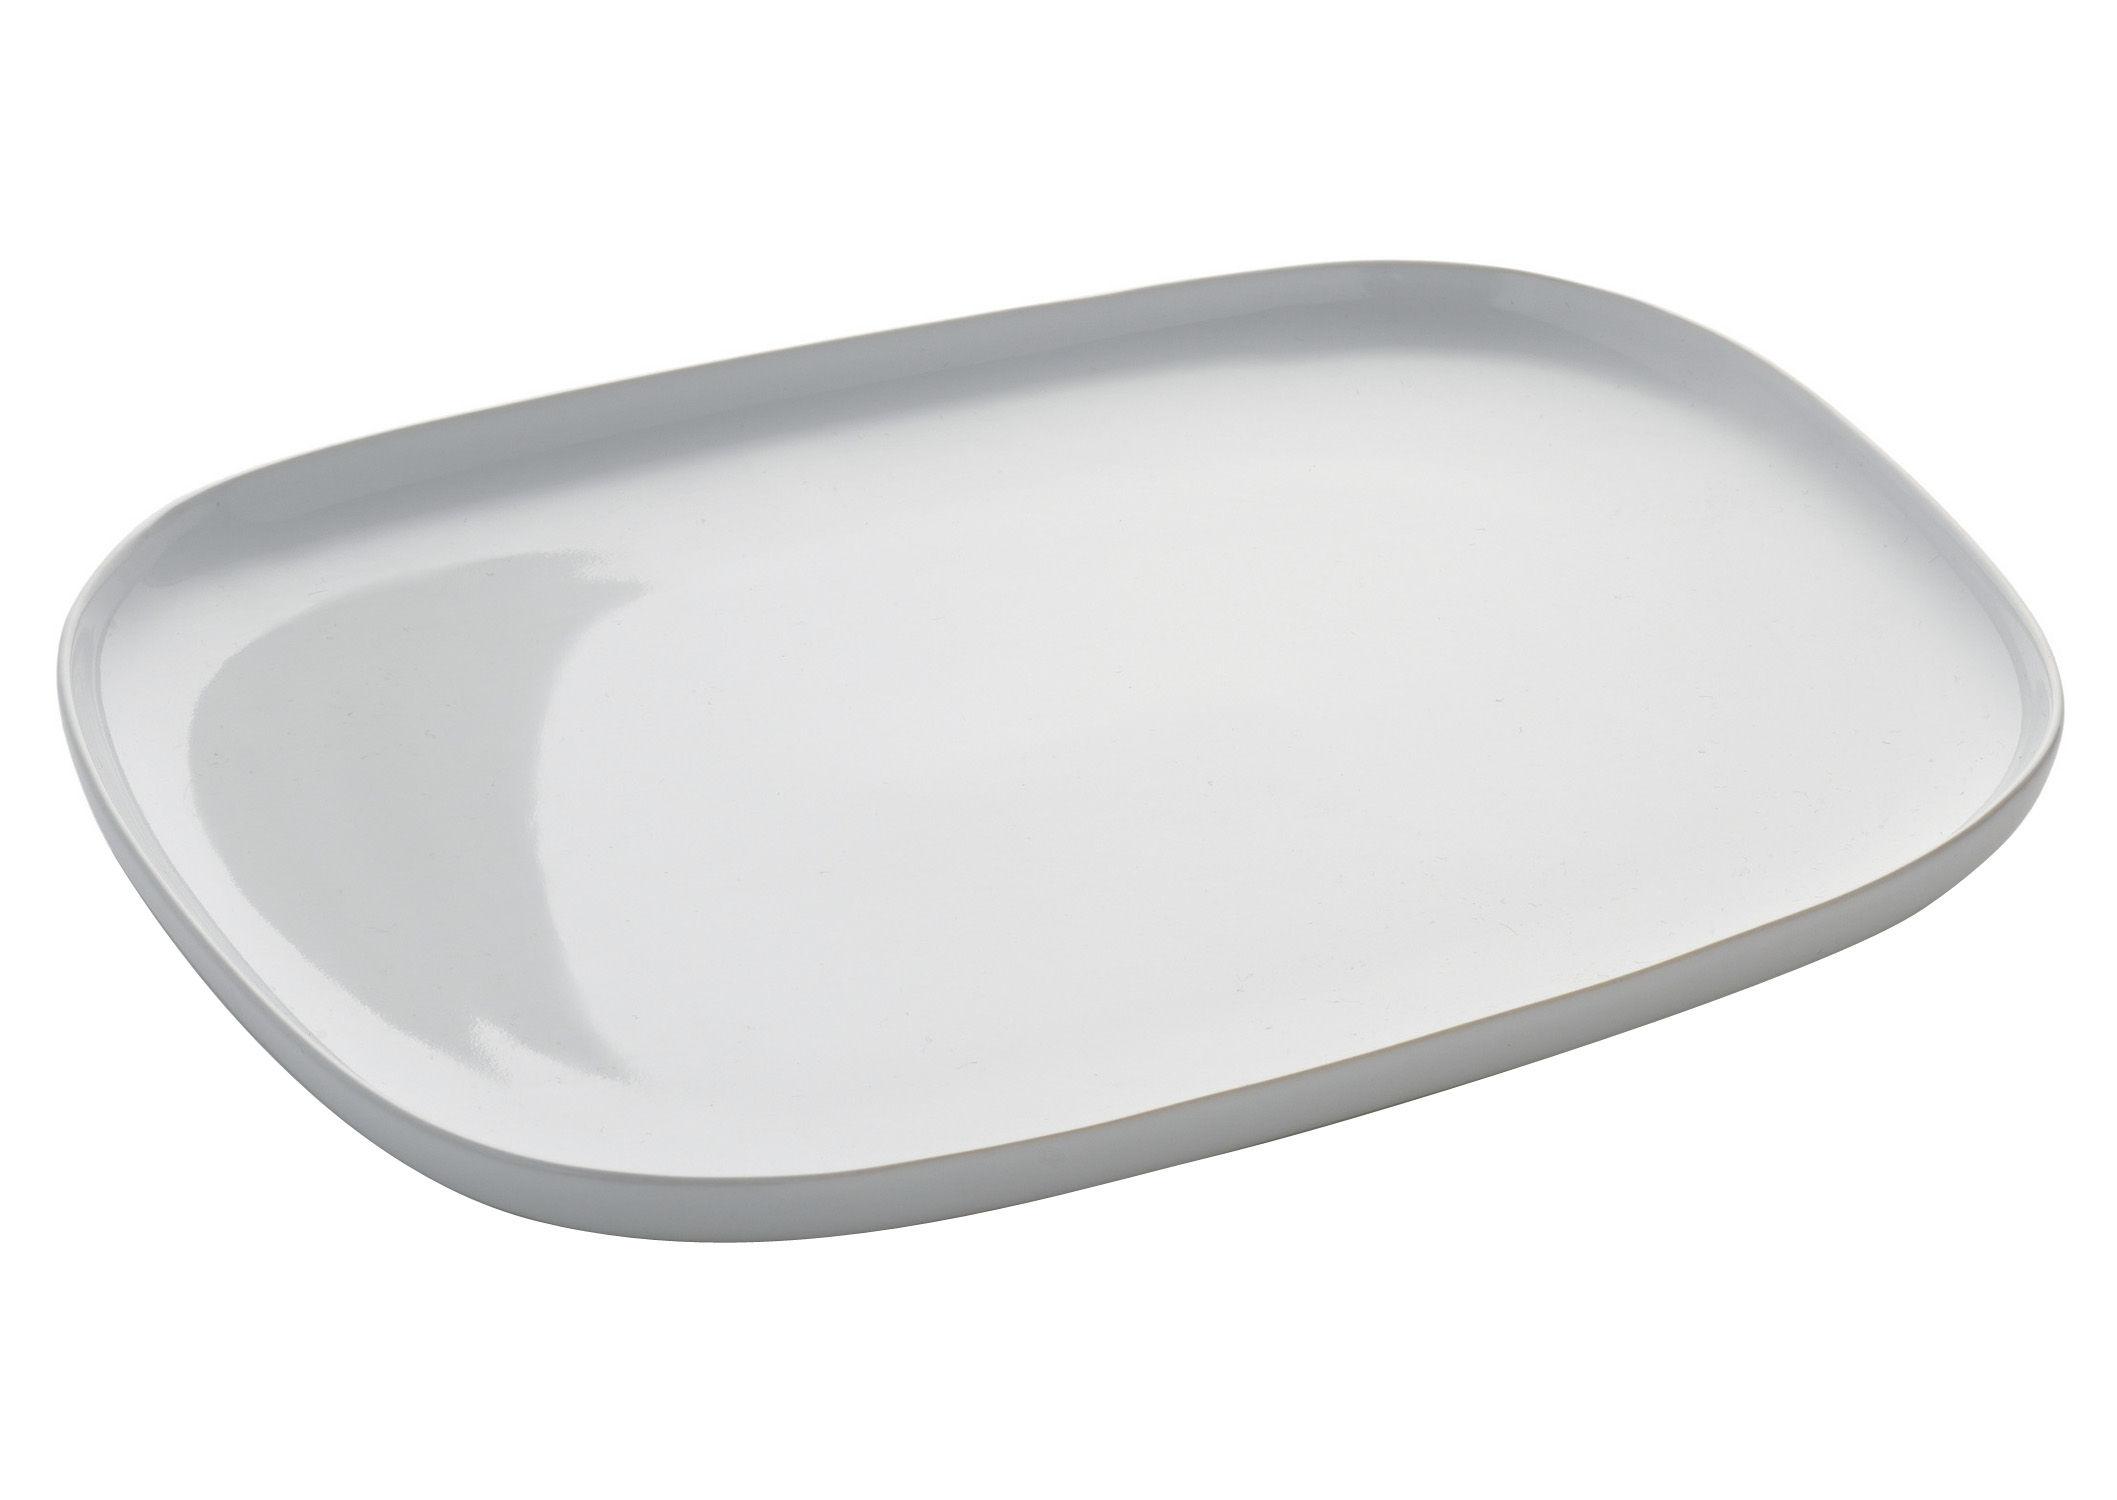 Arts de la table - Assiettes - Assiette Ovale / L 28,5 cm - Alessi - Blanc - Céramique Stoneware